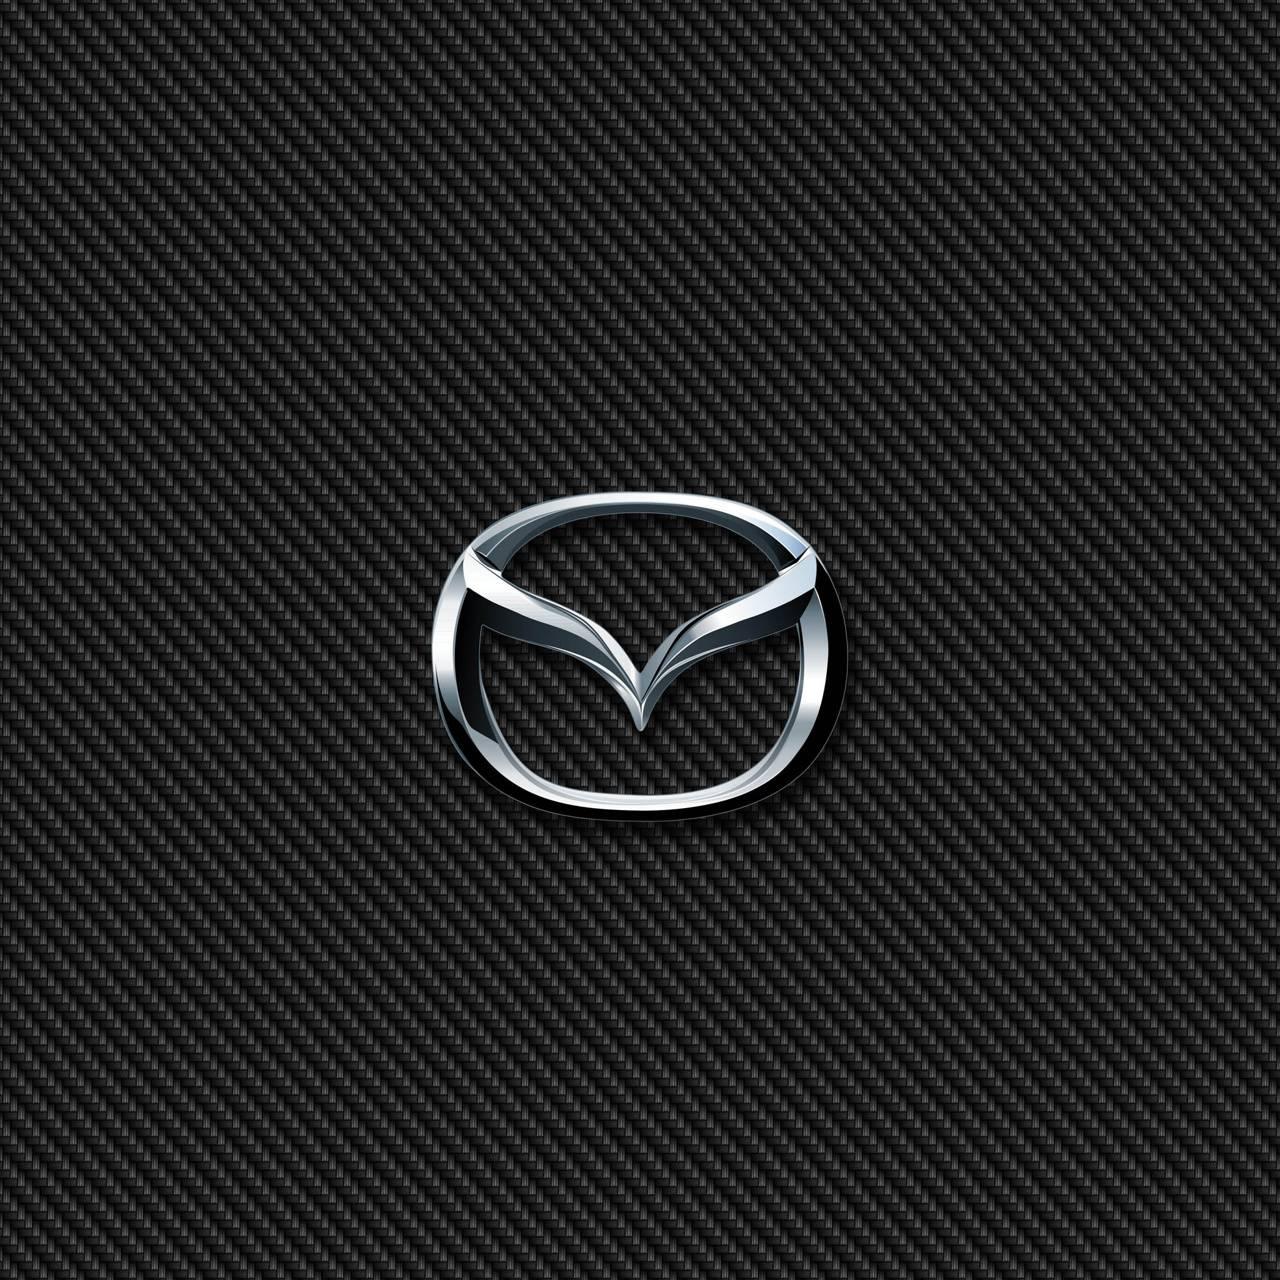 Mazda Carbon